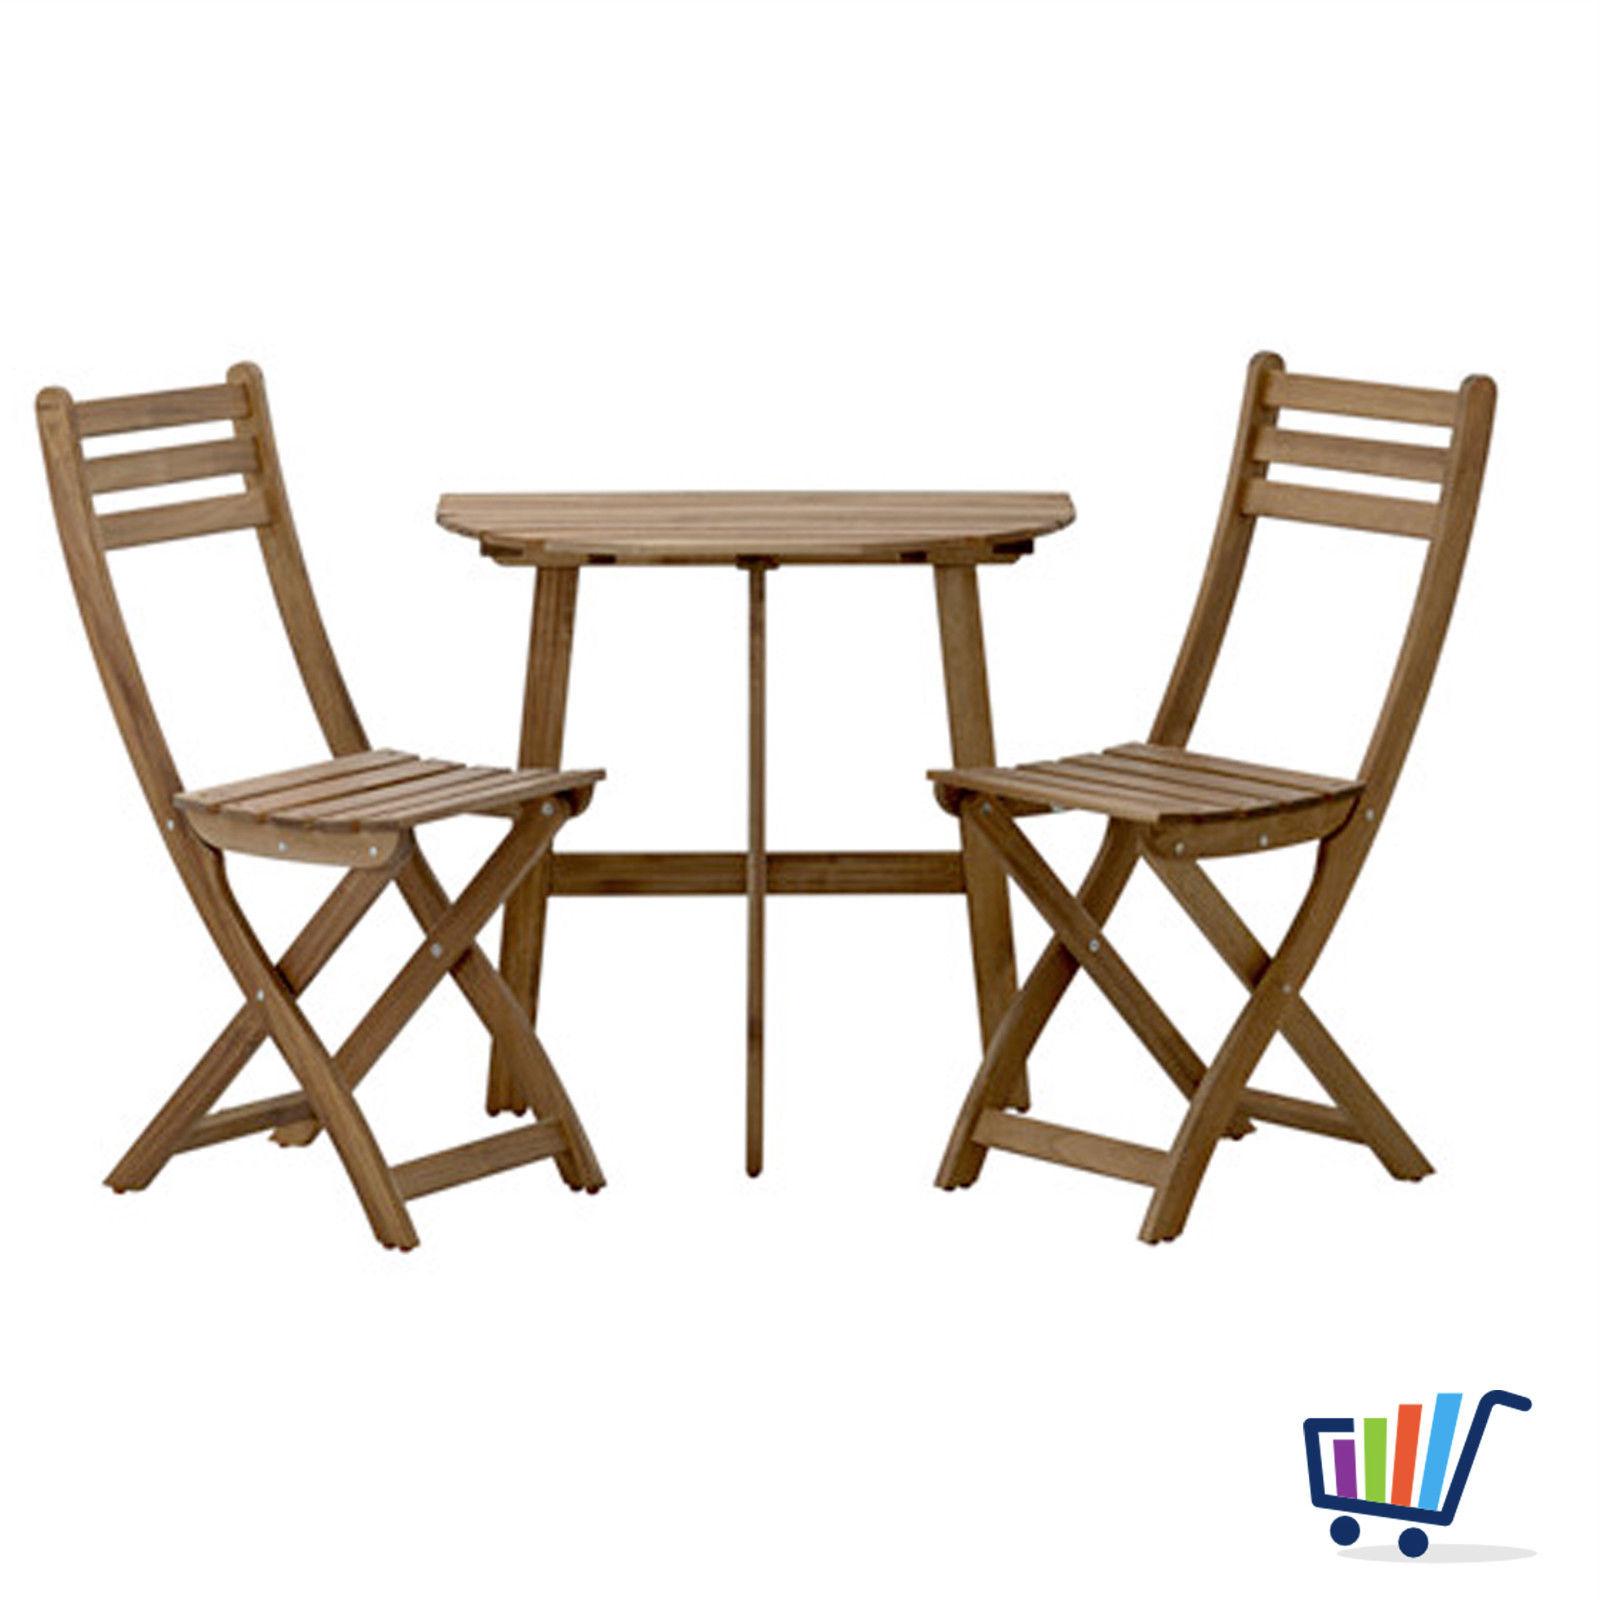 ikea gartentisch wandtisch + 2 klappstühle balkonmöbel tisch